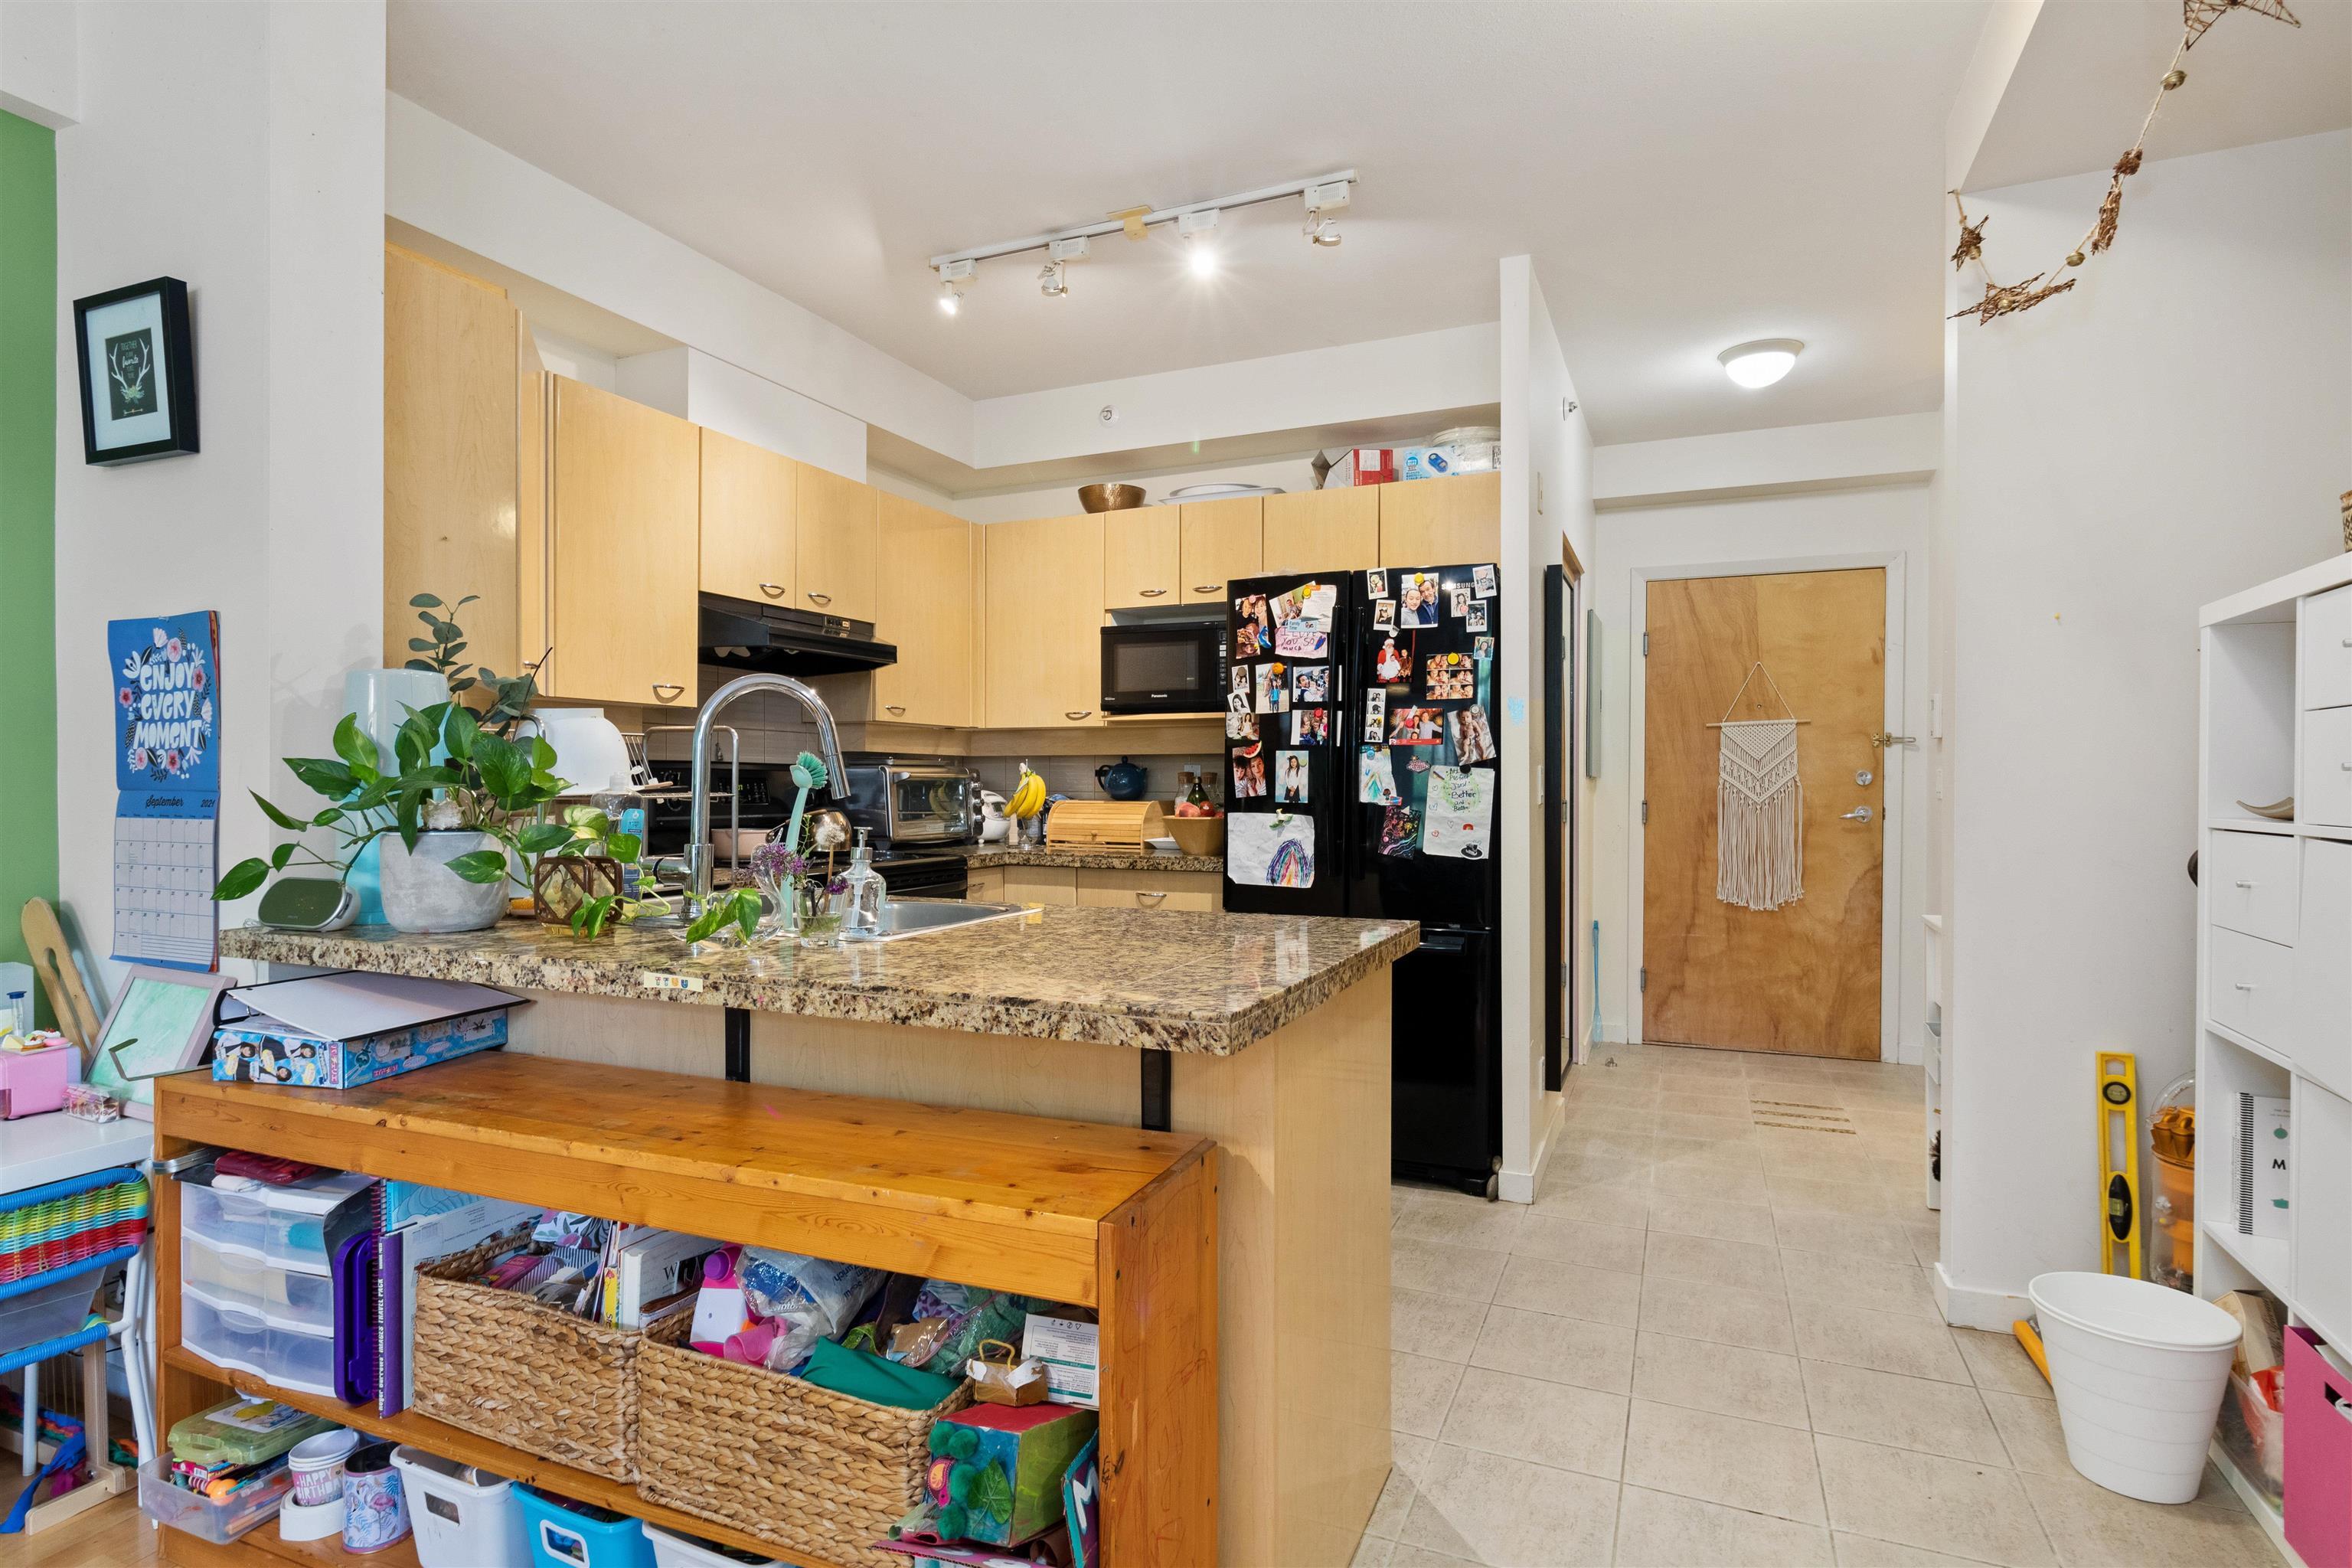 209 2228 MARSTRAND AVENUE - Kitsilano Apartment/Condo for sale, 1 Bedroom (R2617246) - #8